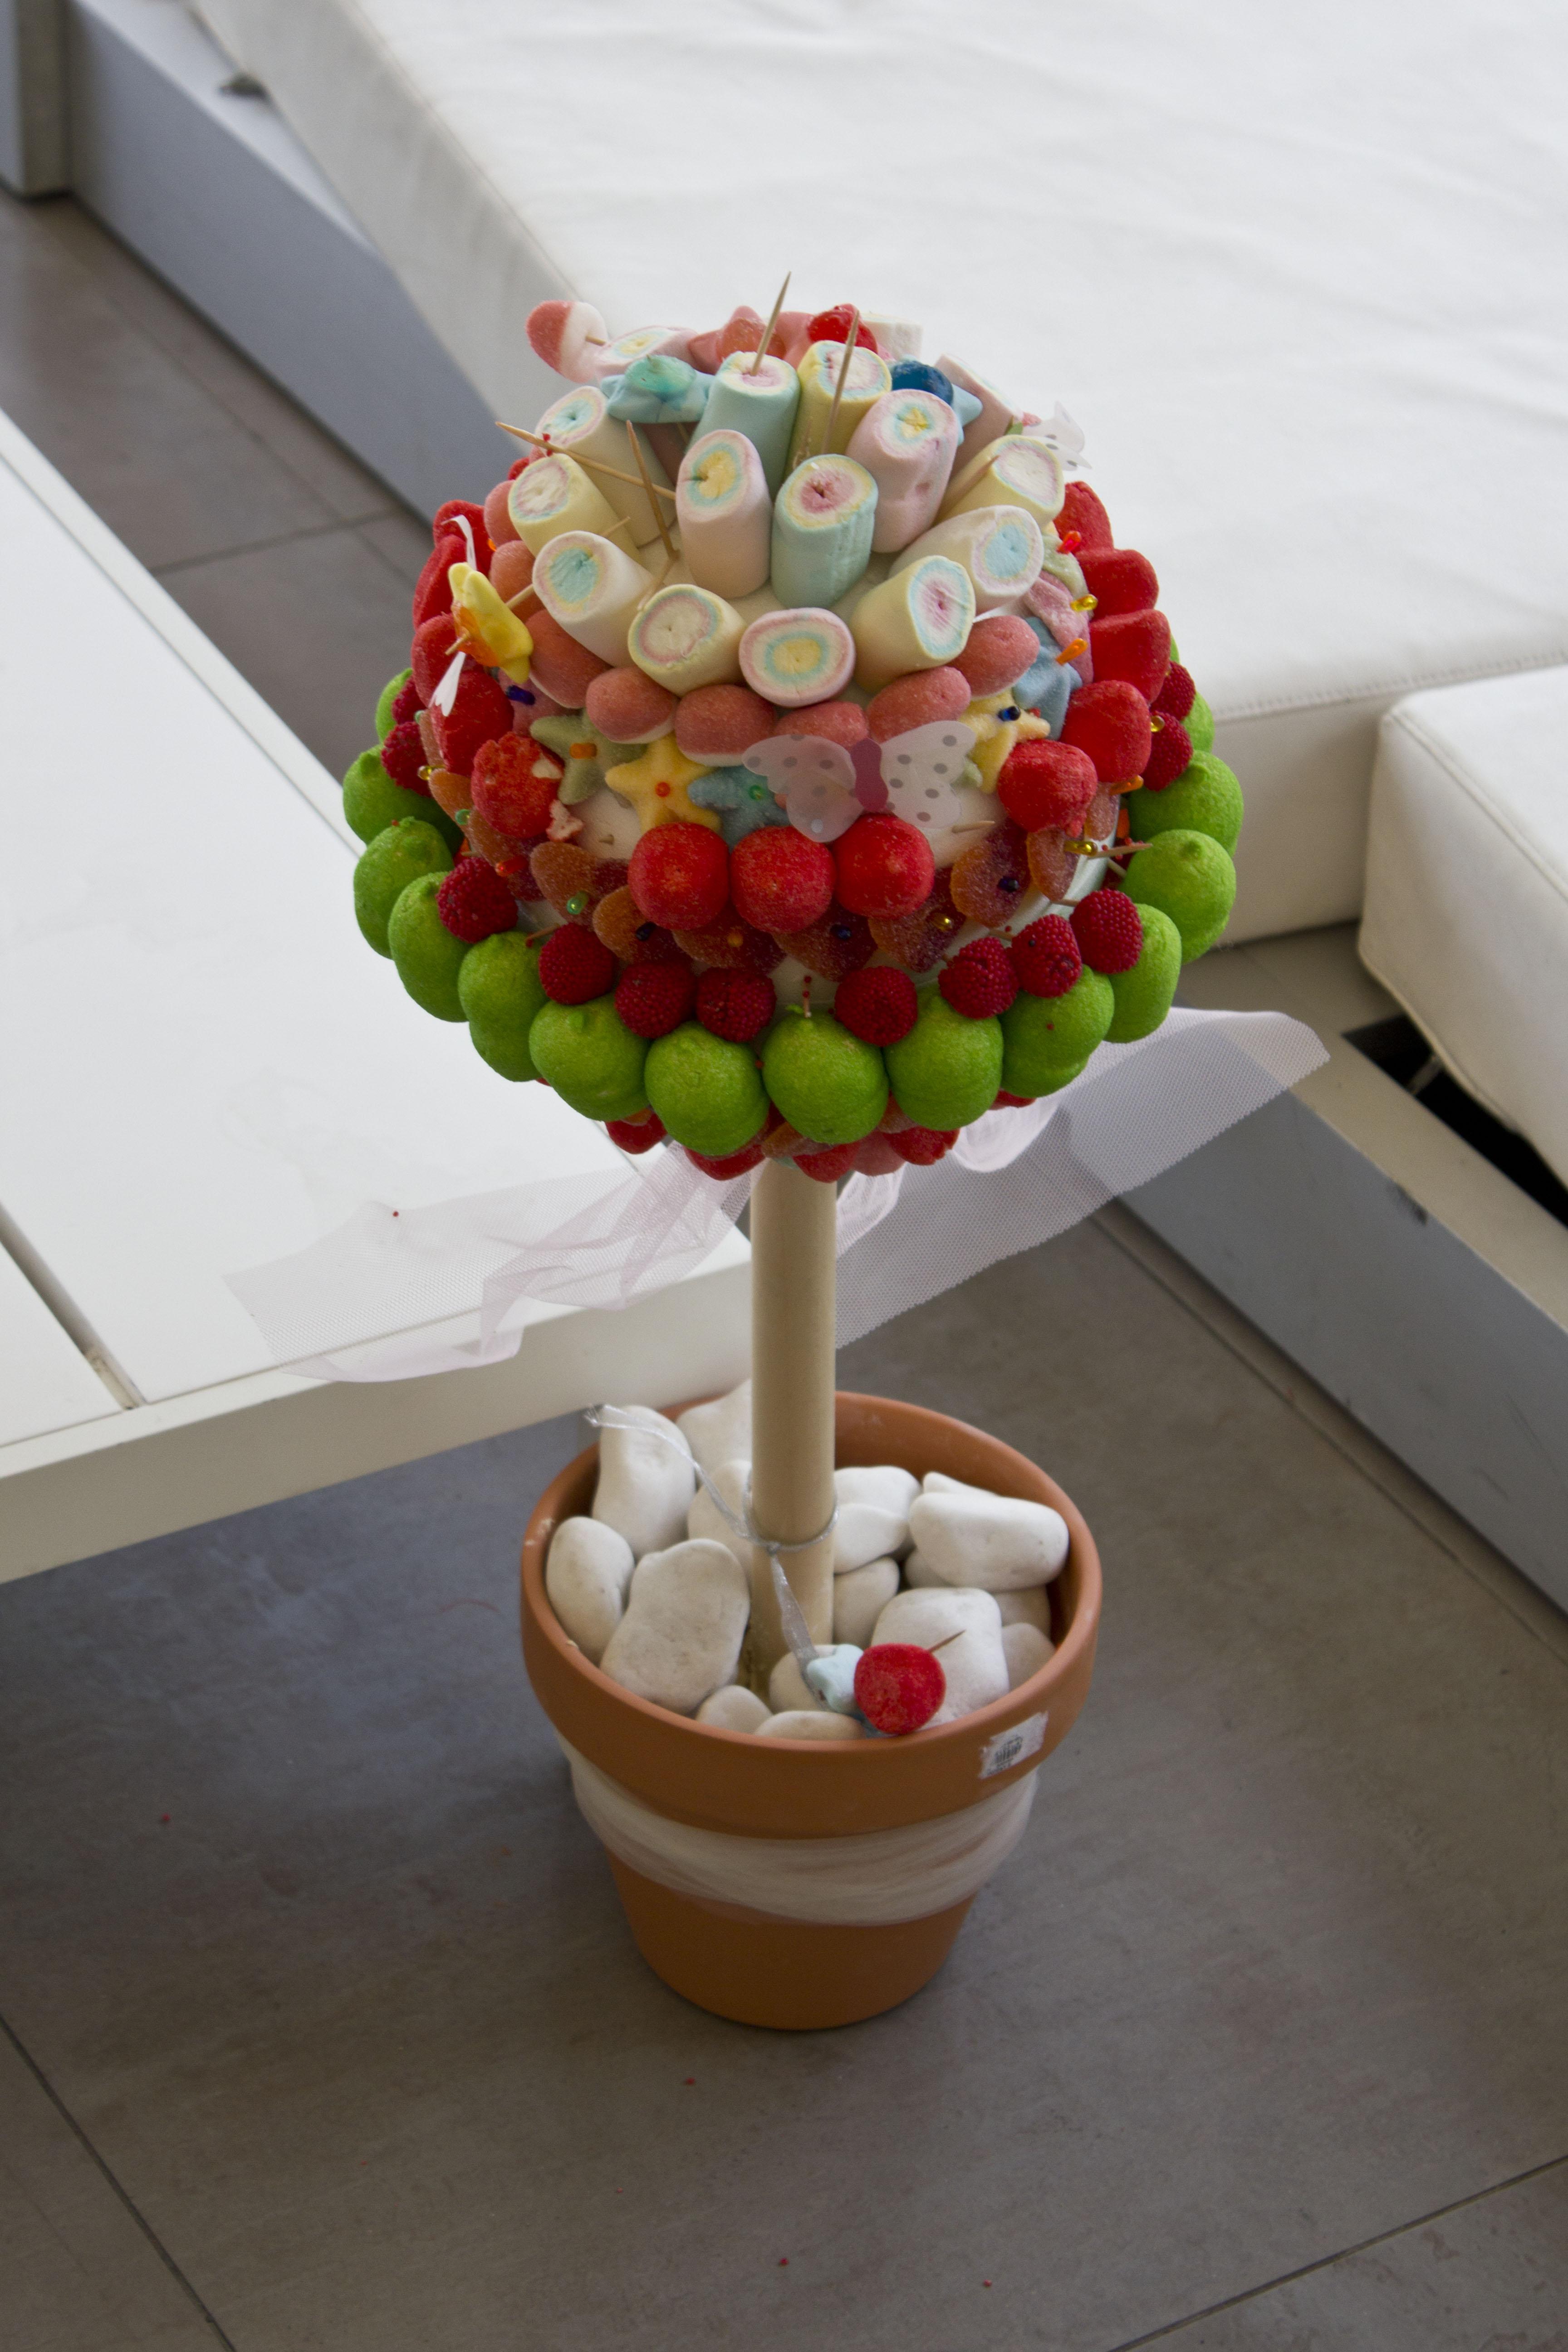 Como hacer tarta de chuches comunion - Como hacer figuras con chuches ...